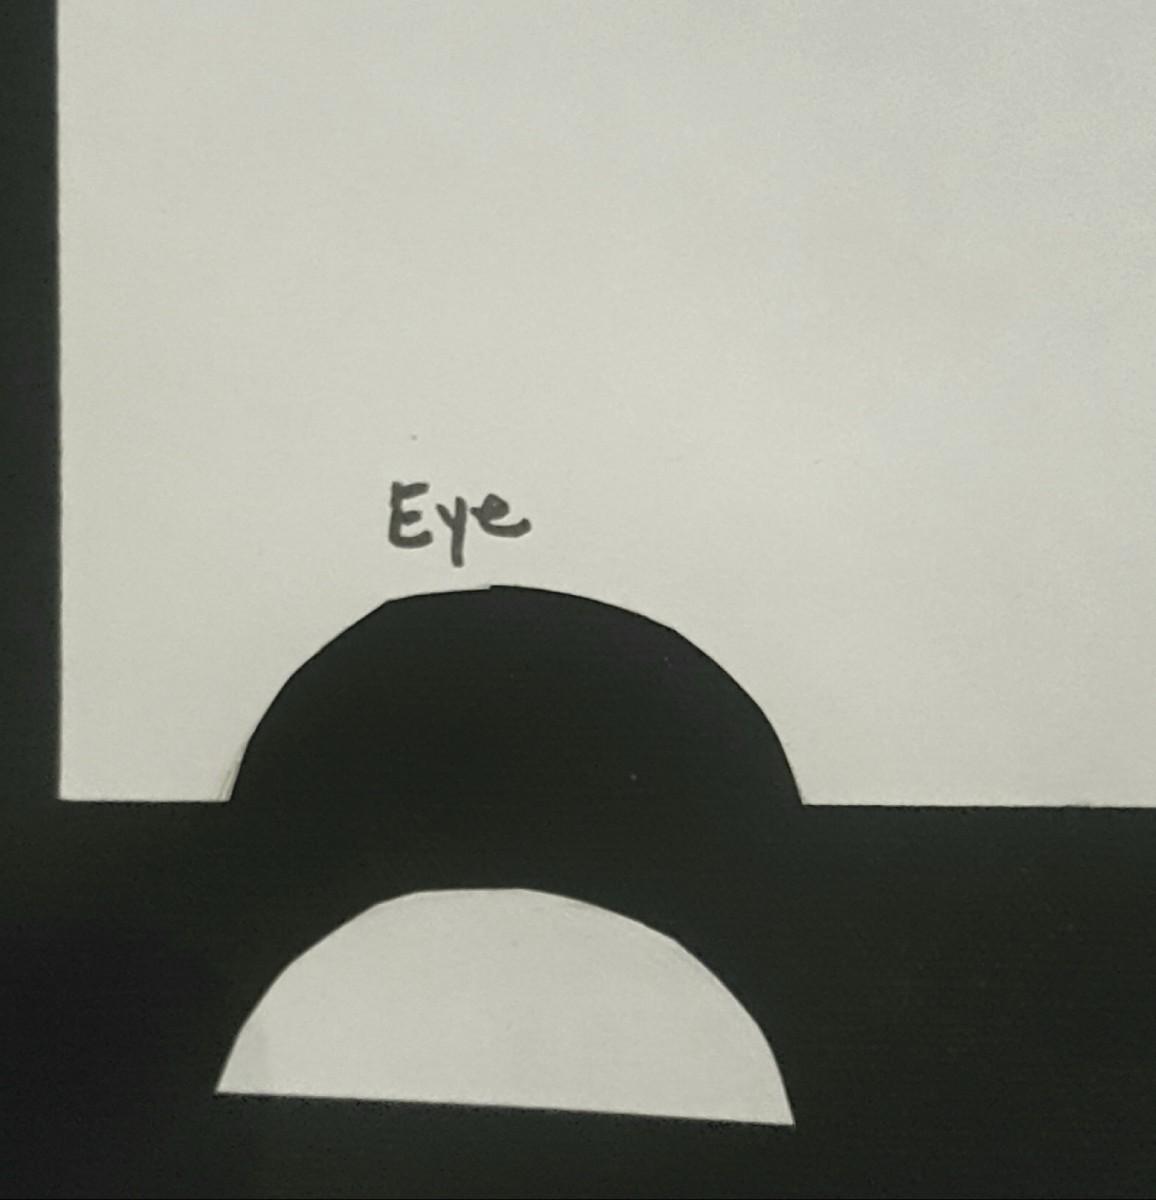 Finished Eyeball